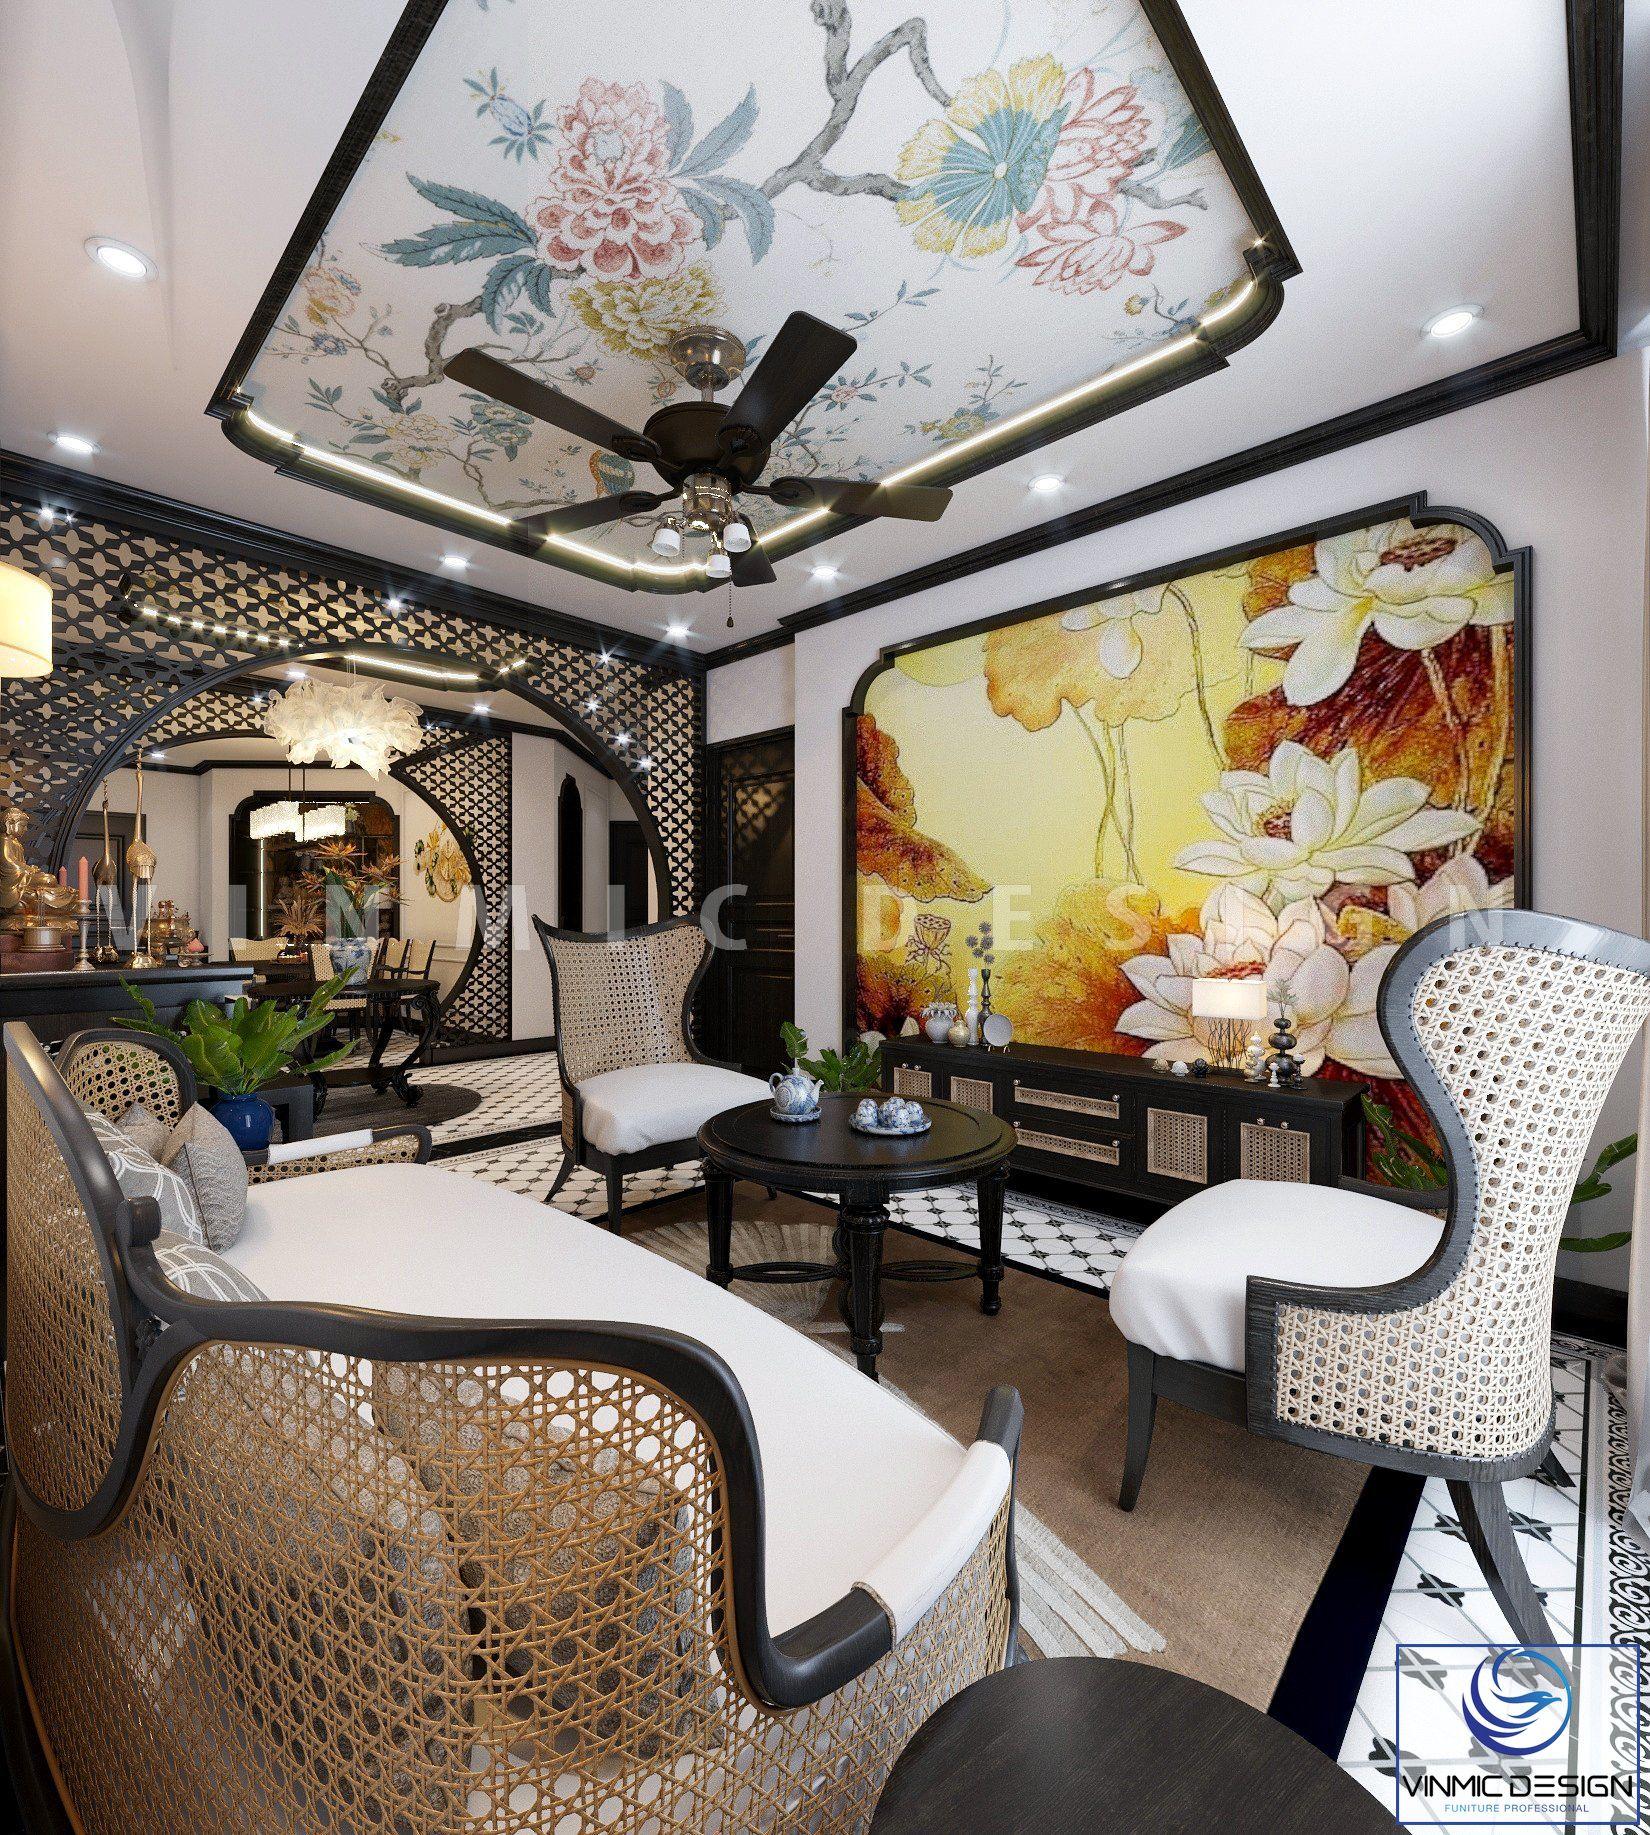 Thiết kế nội thất căn hộ phong cách Á Đông ấn tượng tại chung cư Sunshine Garden